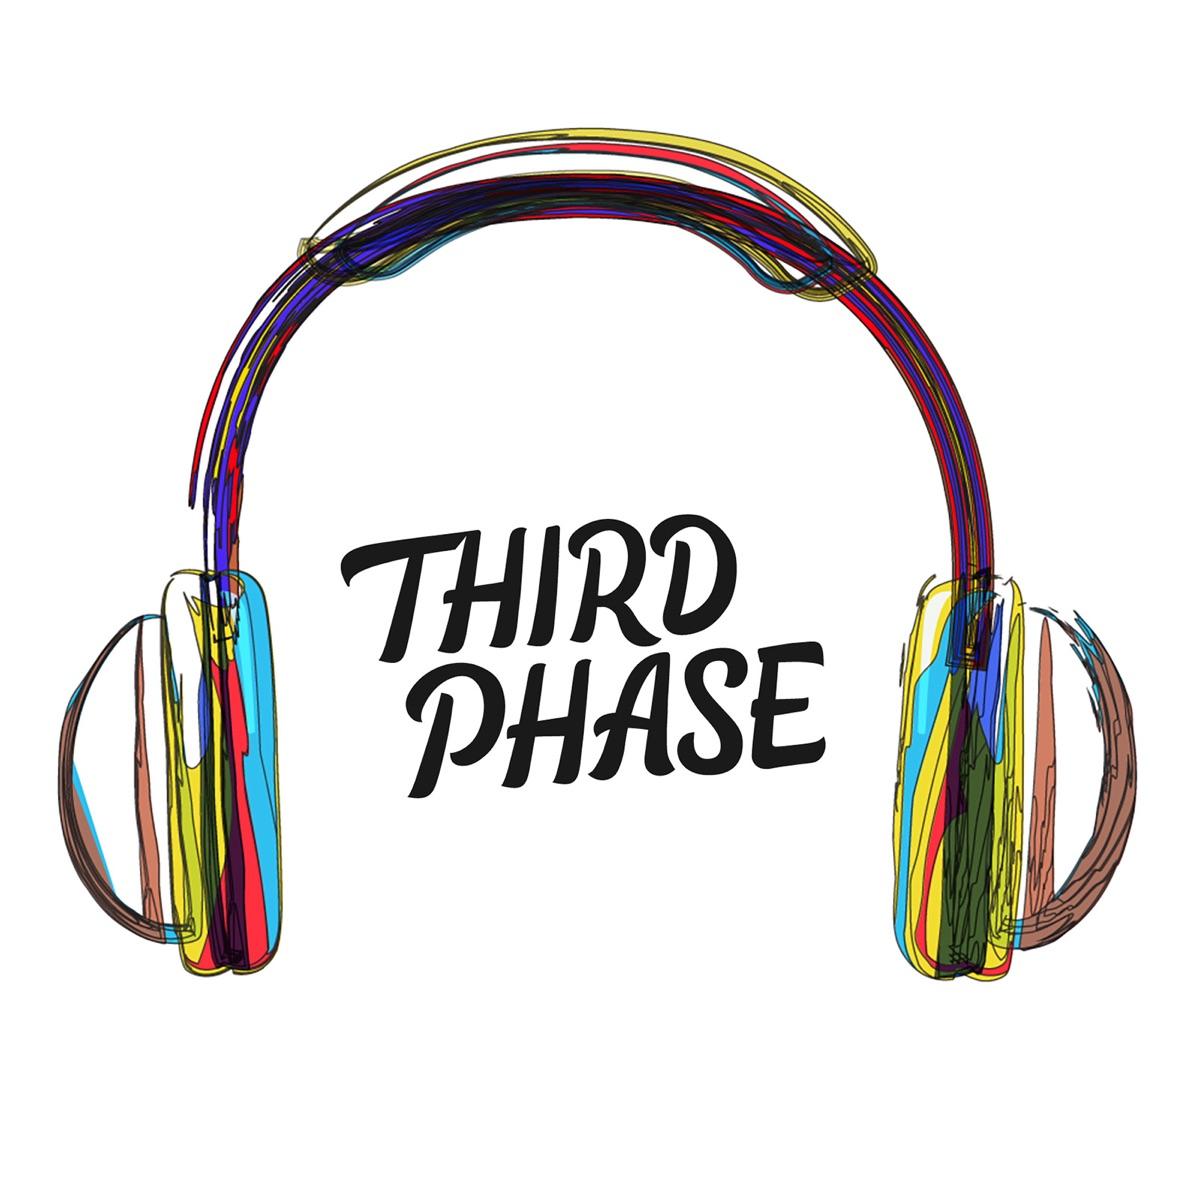 THIRD PHASE